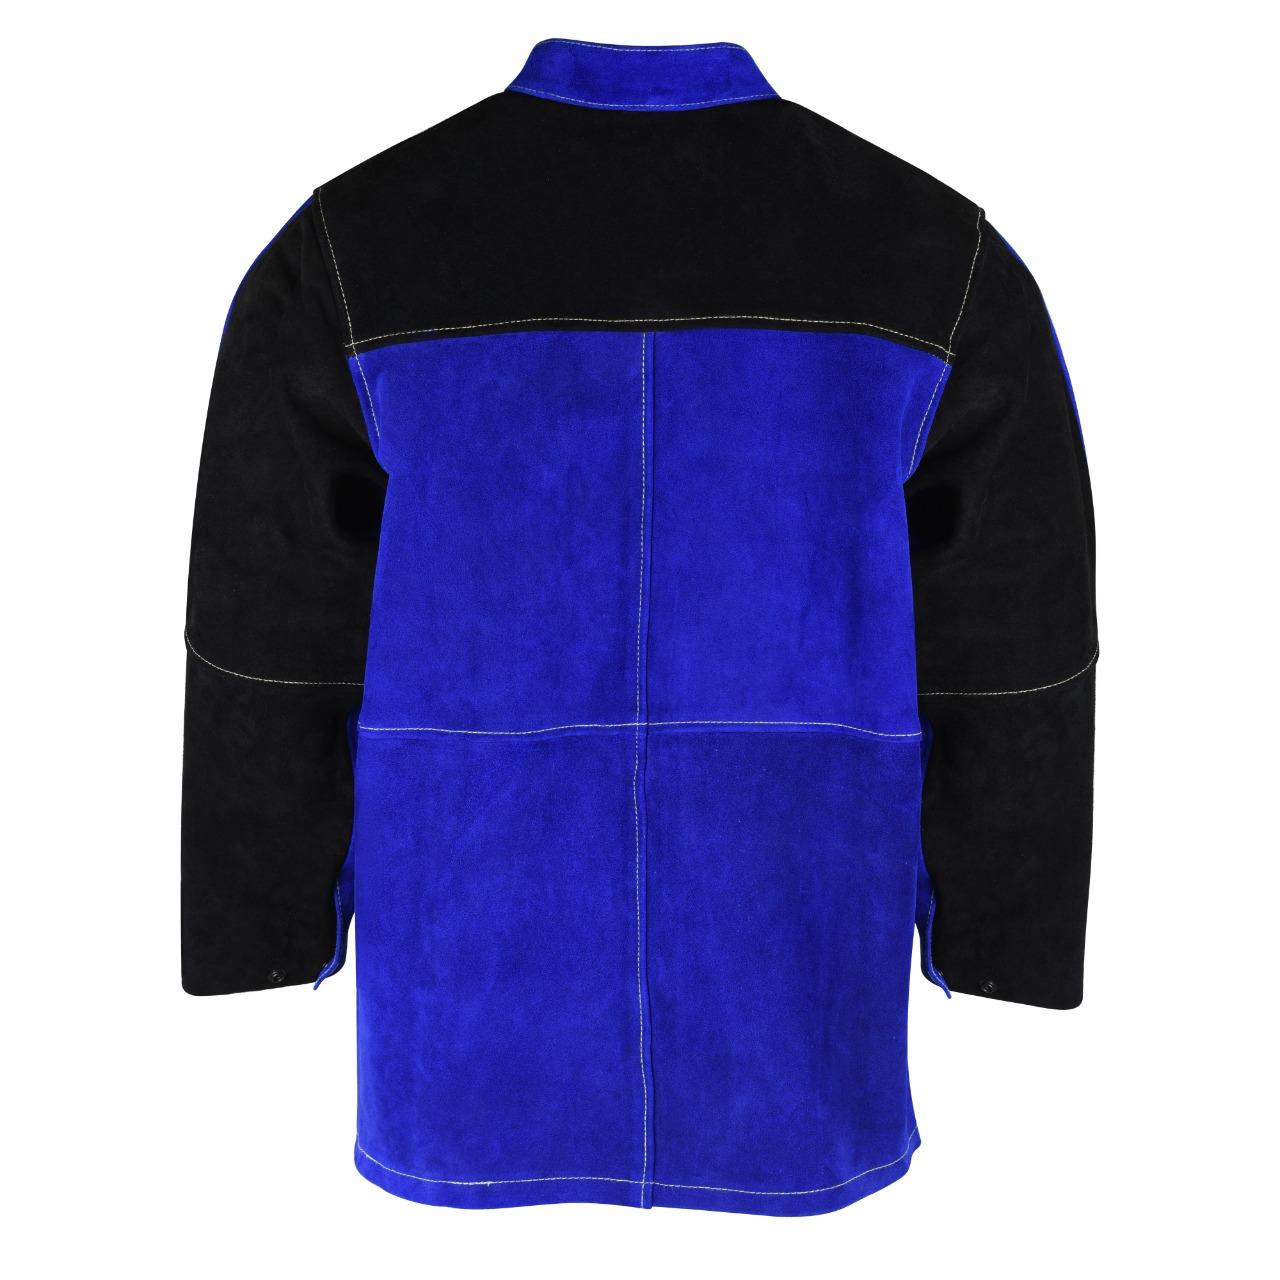 cowhide split leather welding jacket